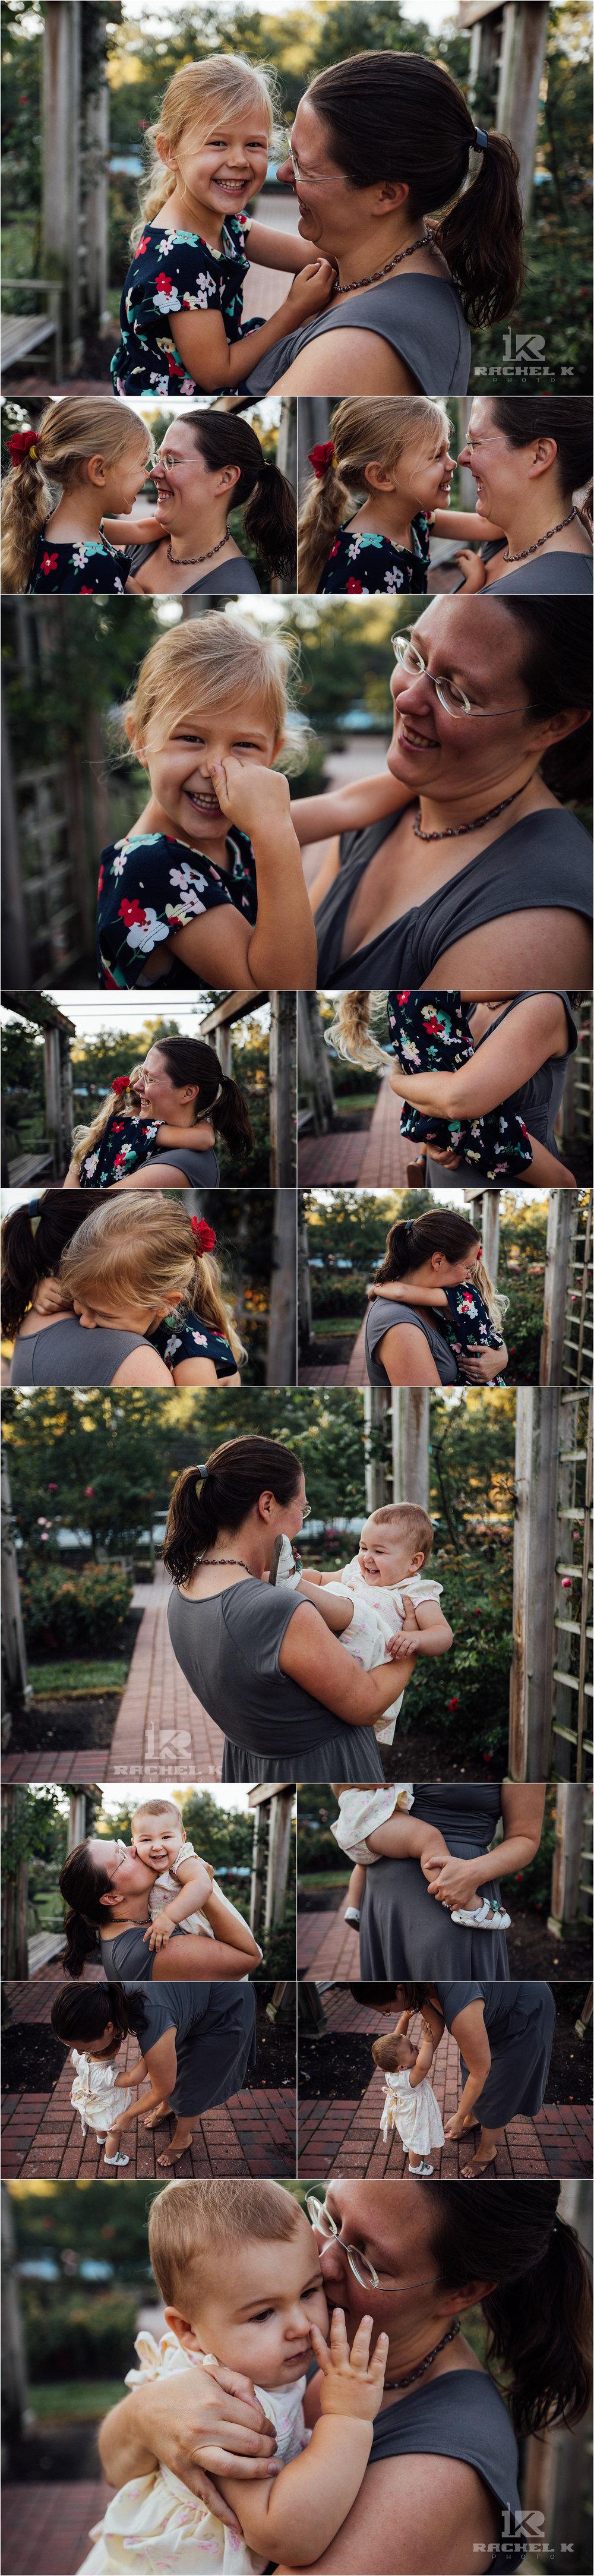 Fairfax Virginia family session by Rachel K Photo